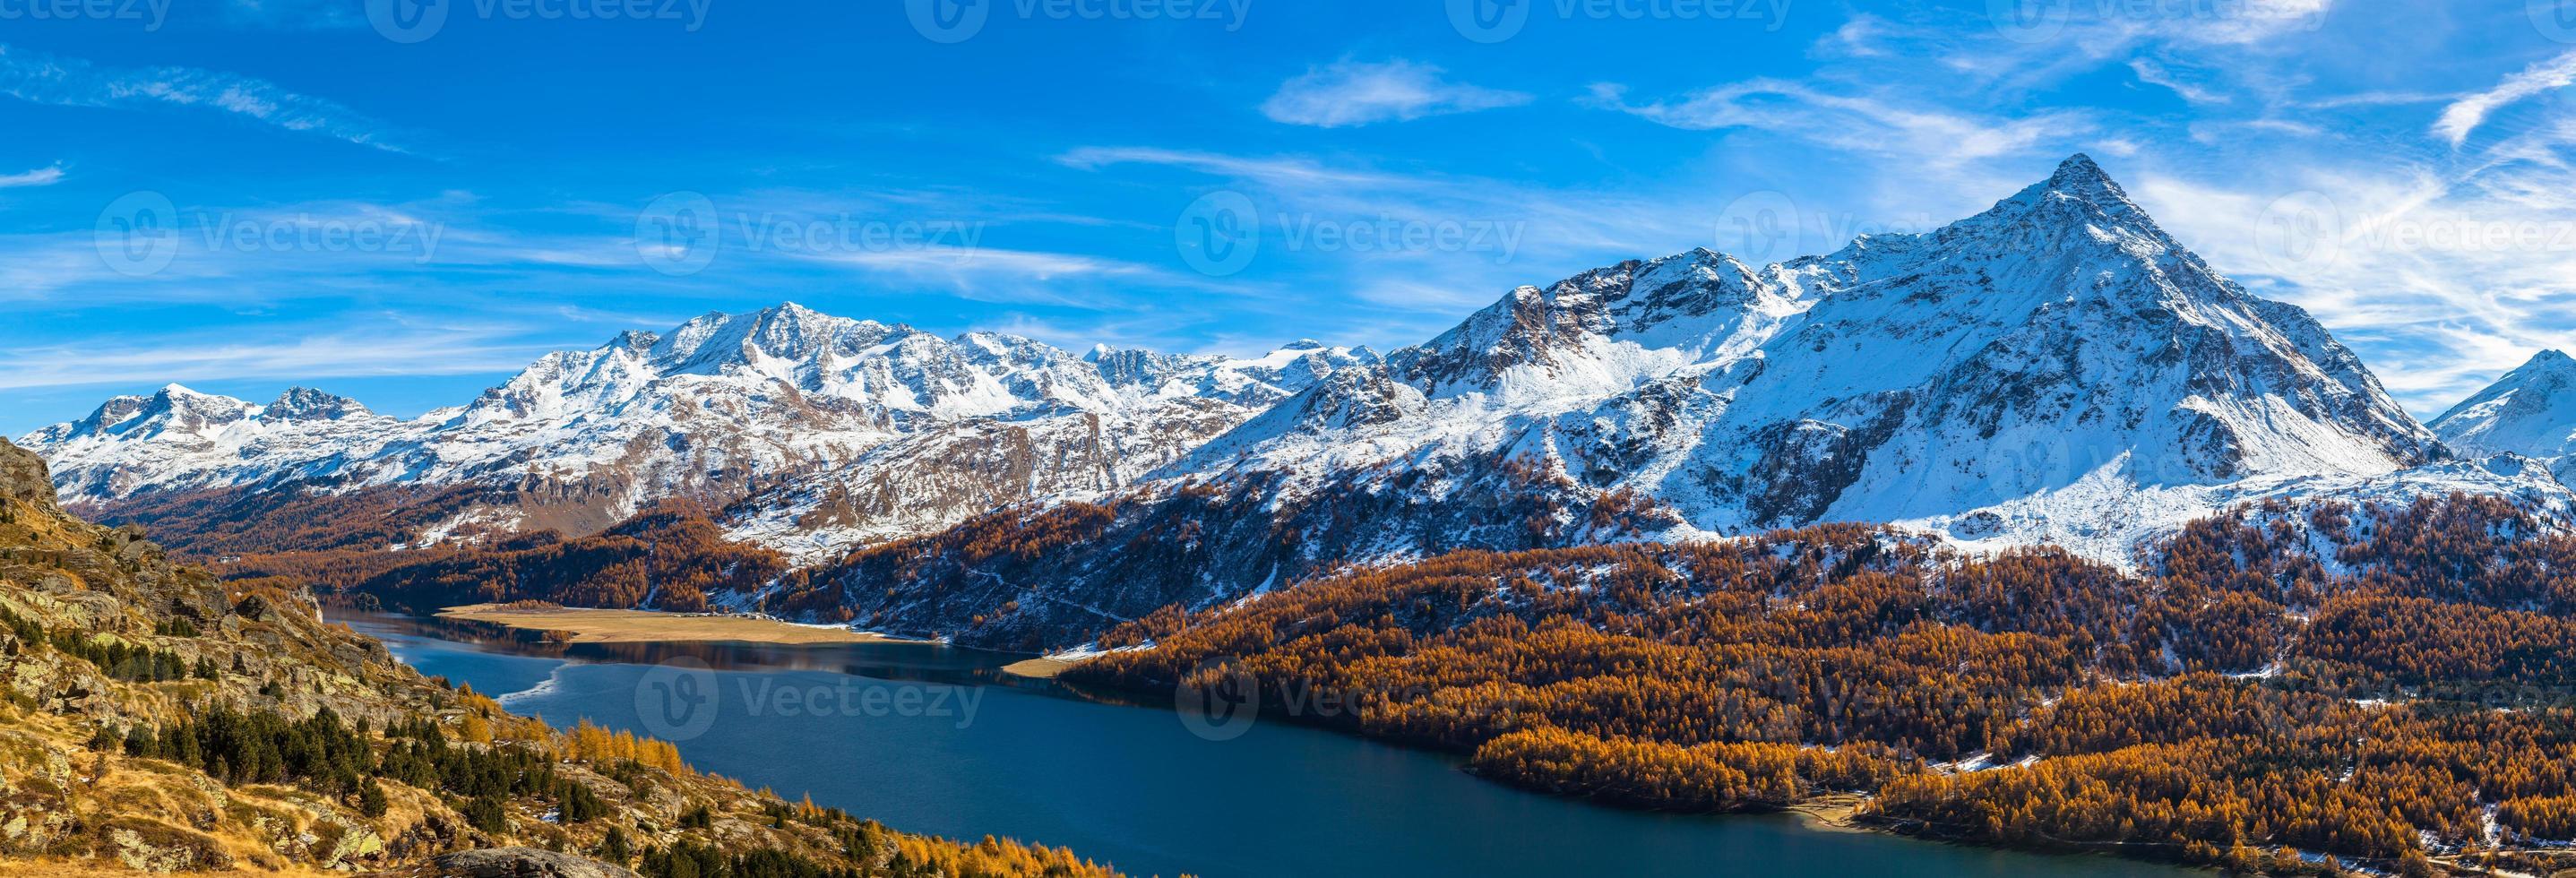 vista panoramica del lago di sils e delle alpi engadinesi in autunno foto